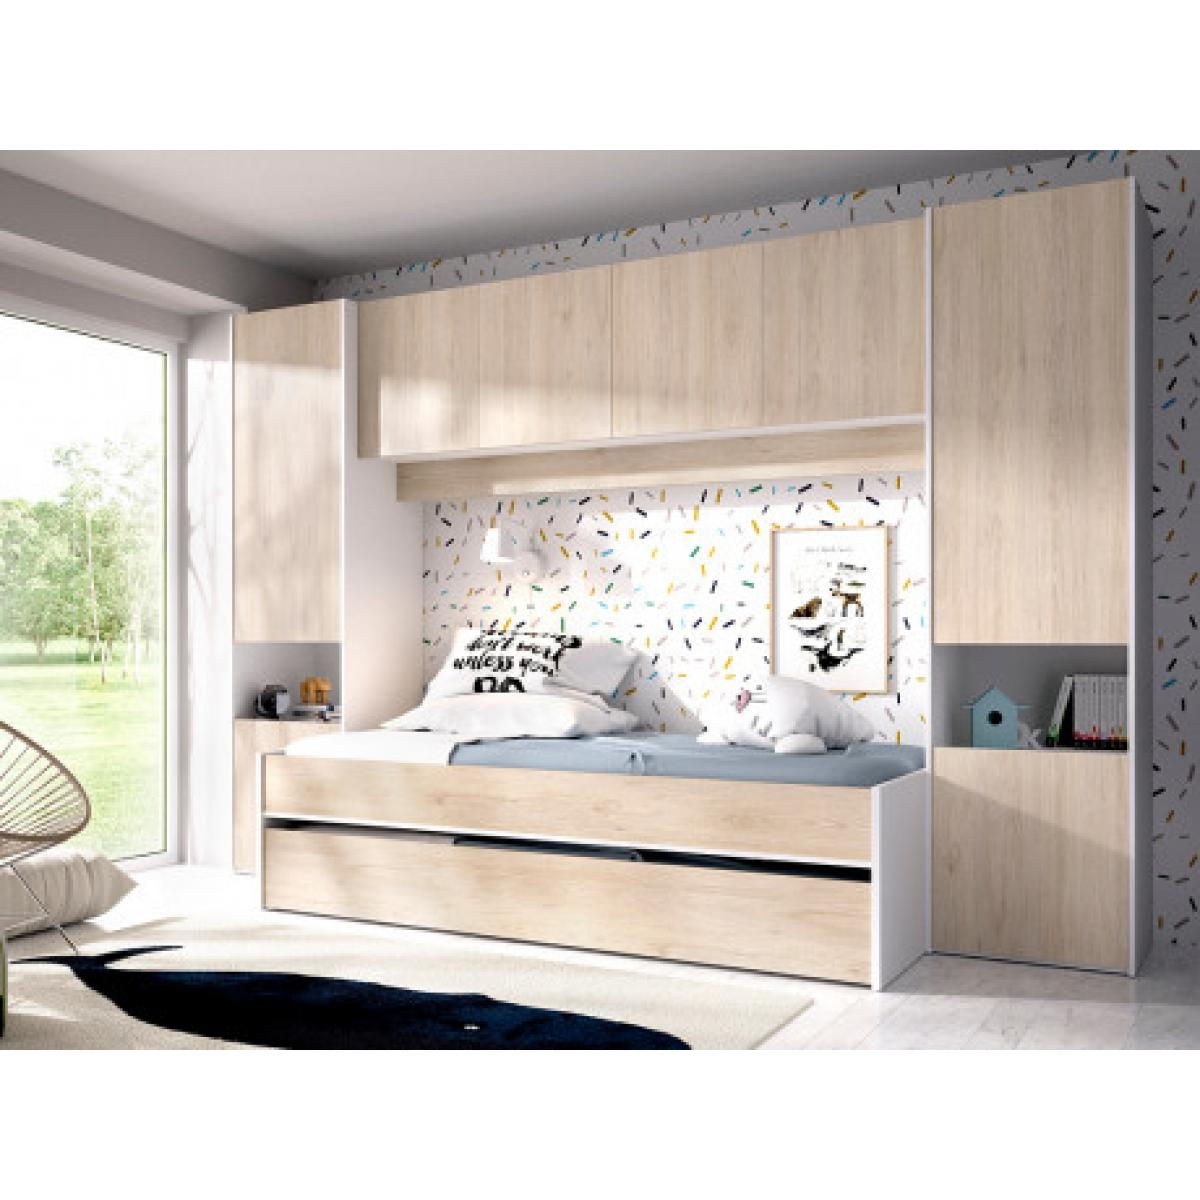 Vente-Unique Lit gigogne avec pont de lit SELENA - 90 x 190 cm - Coloris : chêne et blanc